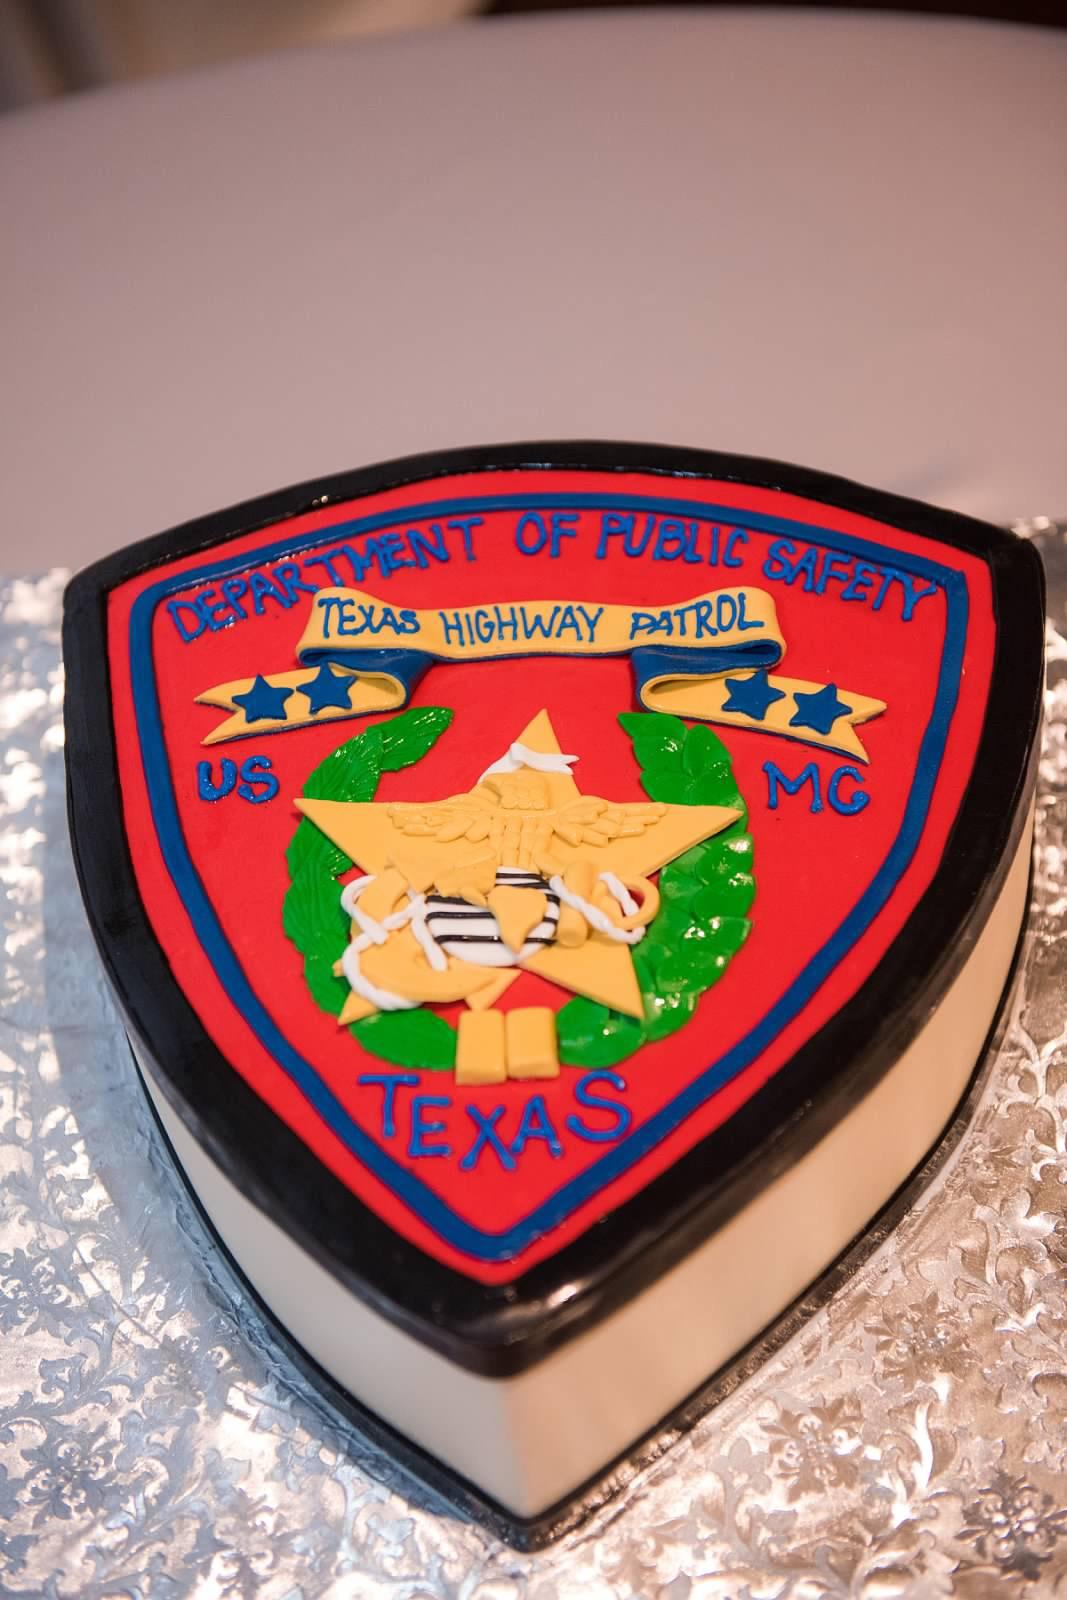 Highway Patrol Badge.JPG